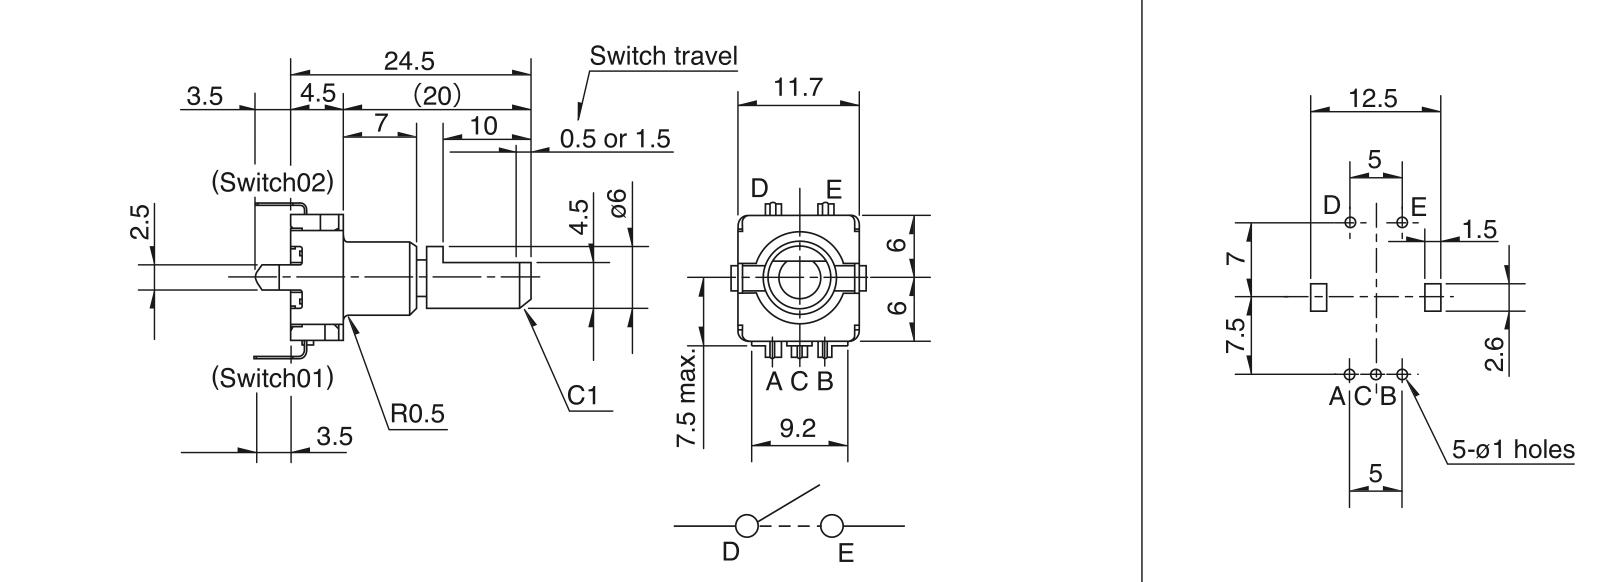 ec11e-dimensions